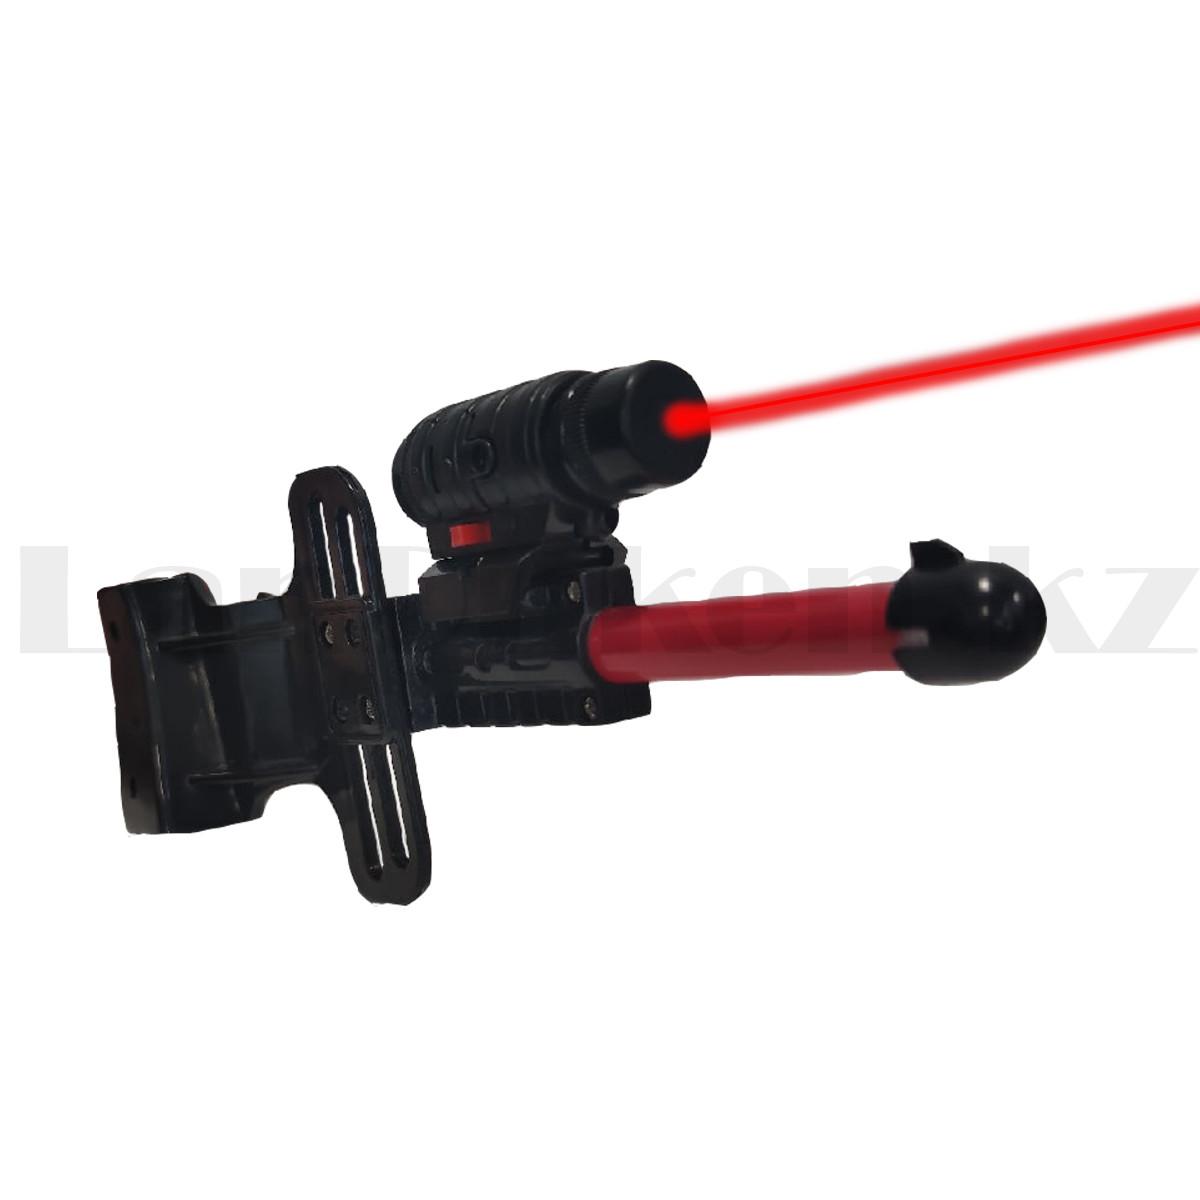 """Игрушечный набор лук и стрелы с лазерным прицелом """"Kingsport"""" 35881А высота 94 см - фото 9"""